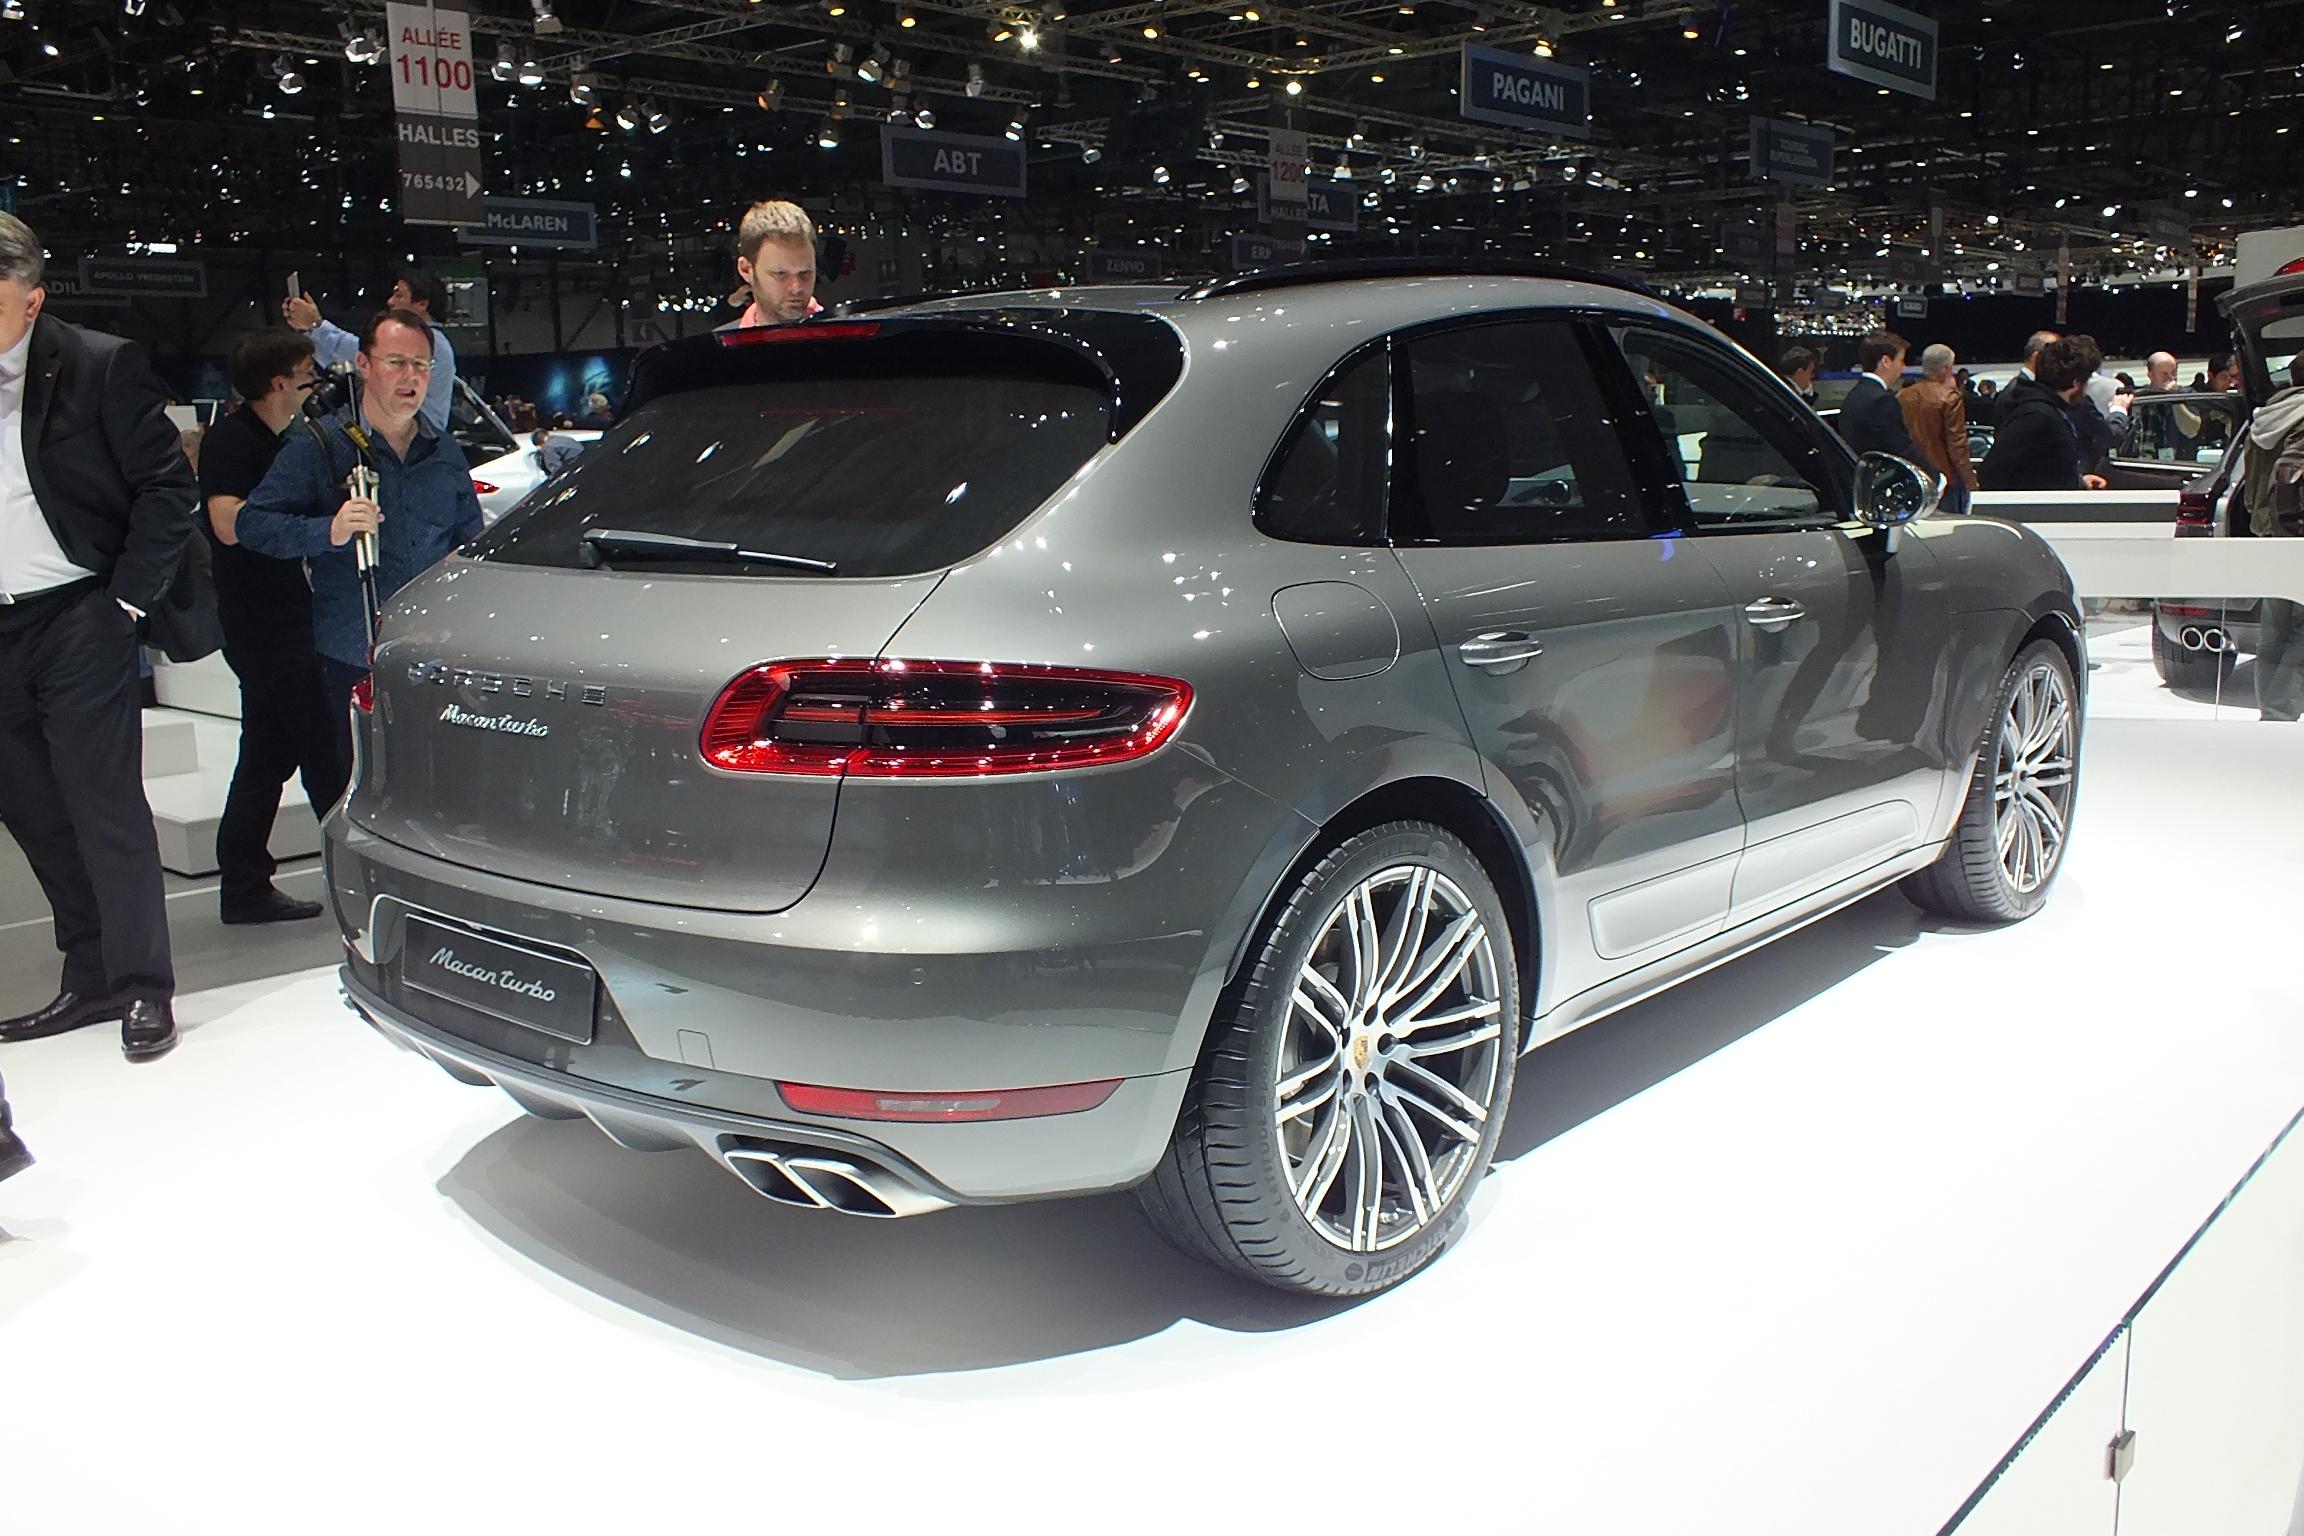 http://images.caradisiac.com/images/2/8/2/2/92822/S0-En-direct-de-Geneve-2014-Porsche-Macan-ambitieux-315984.jpg